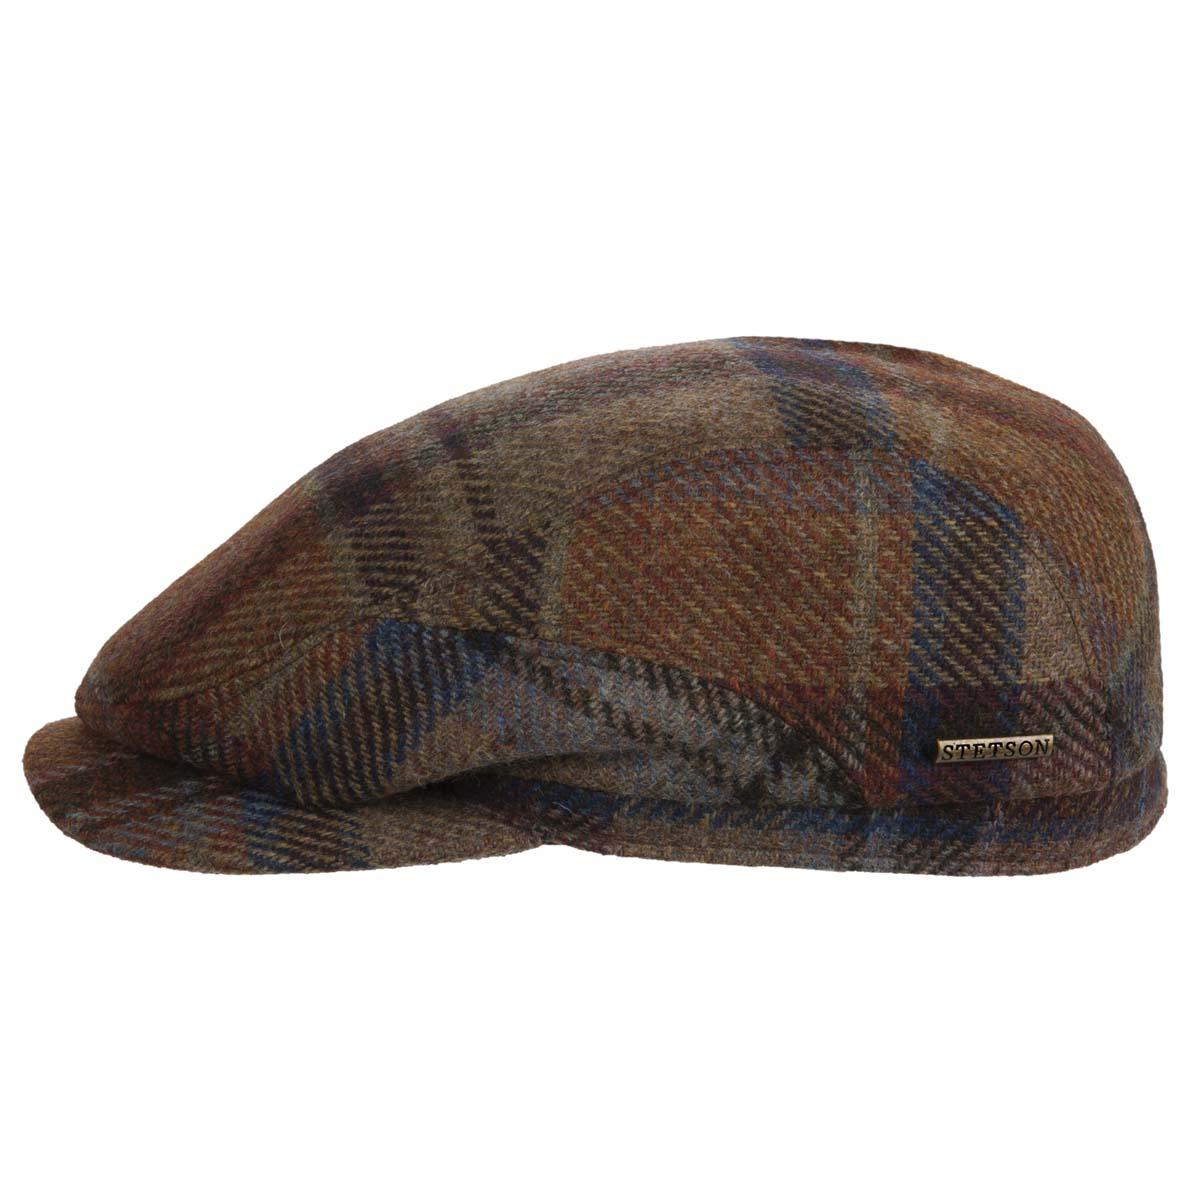 bd436425b21 Belfast virgin wool flat cap signed Stetson